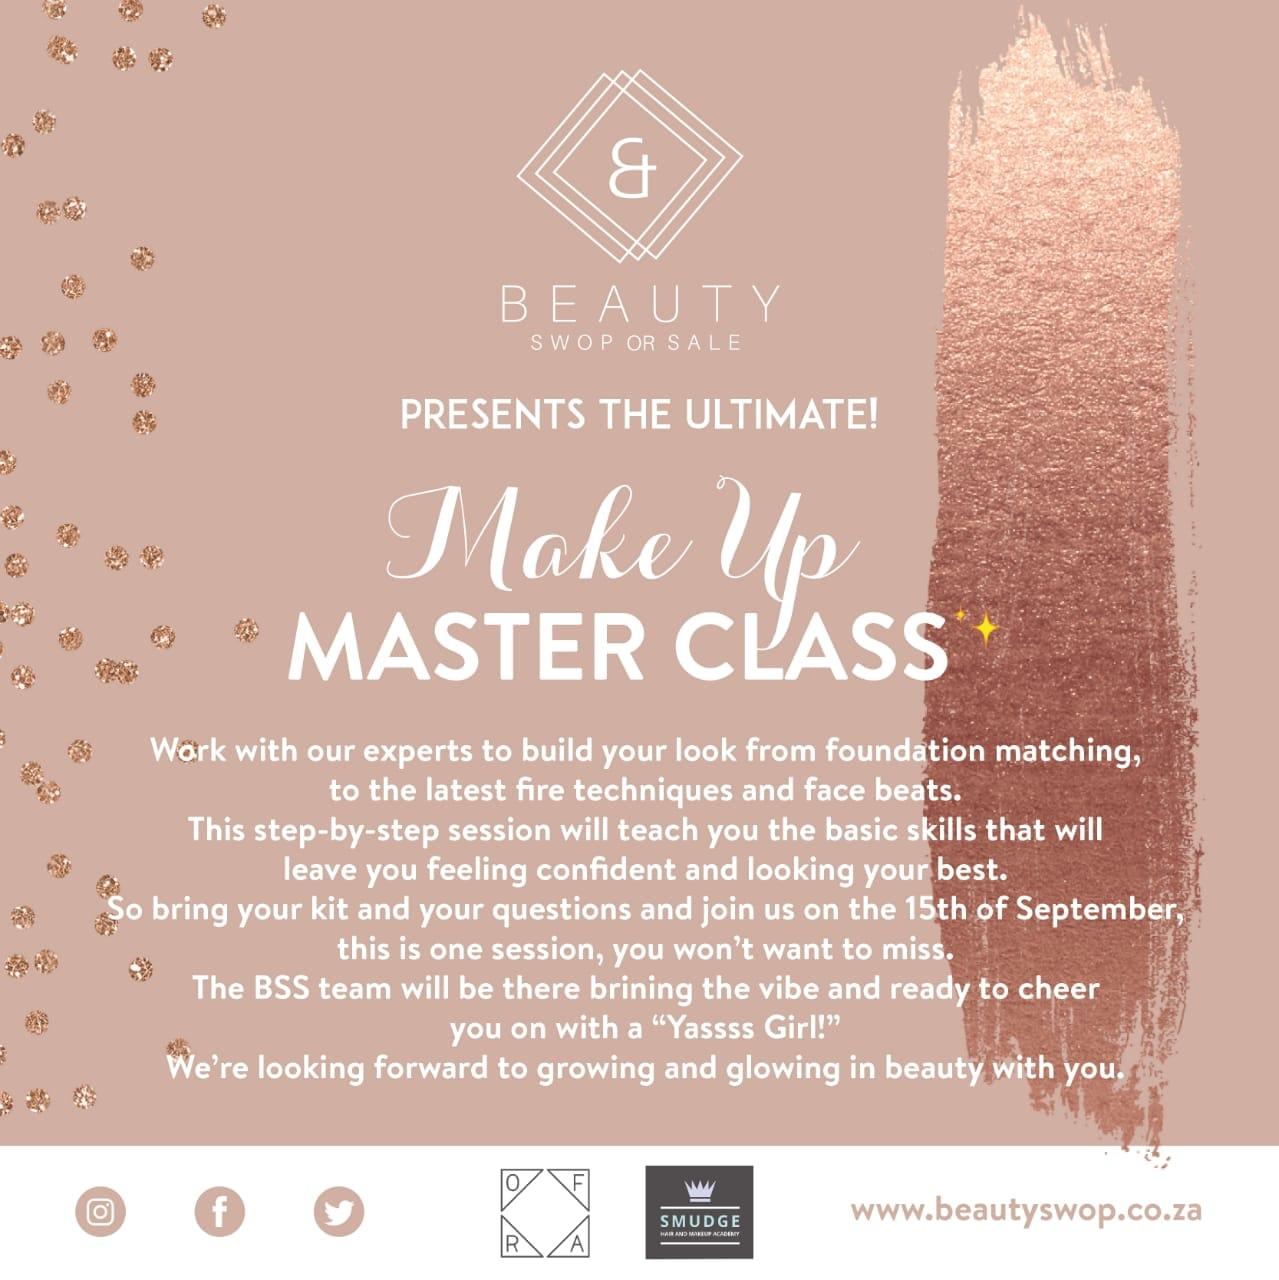 makeup masterclass bss